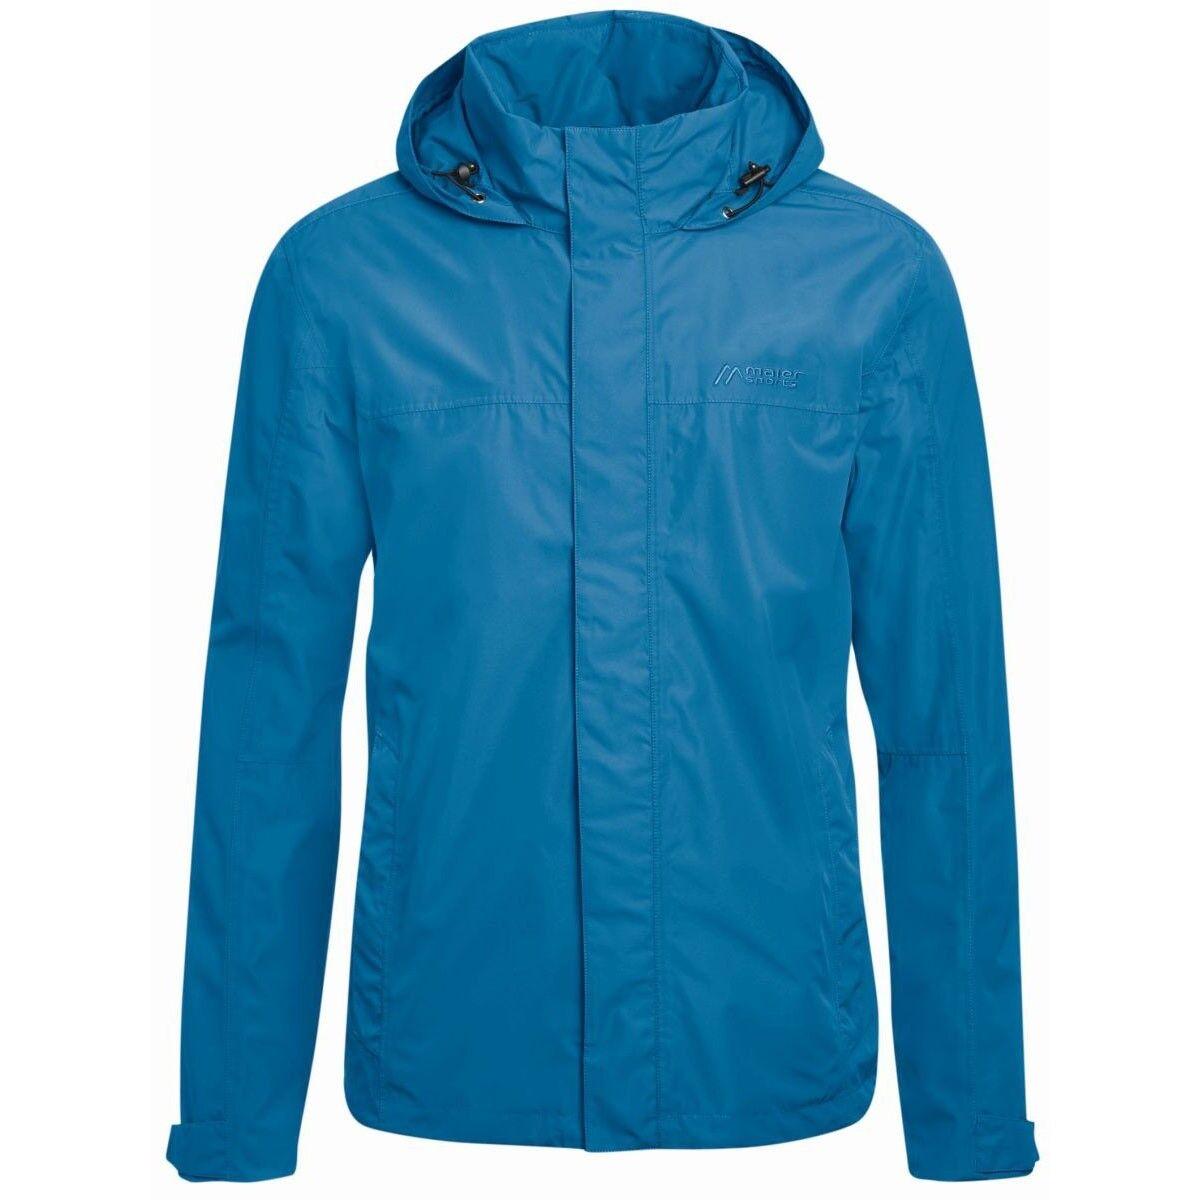 Maier Sports altid m lluvia chaqueta azul